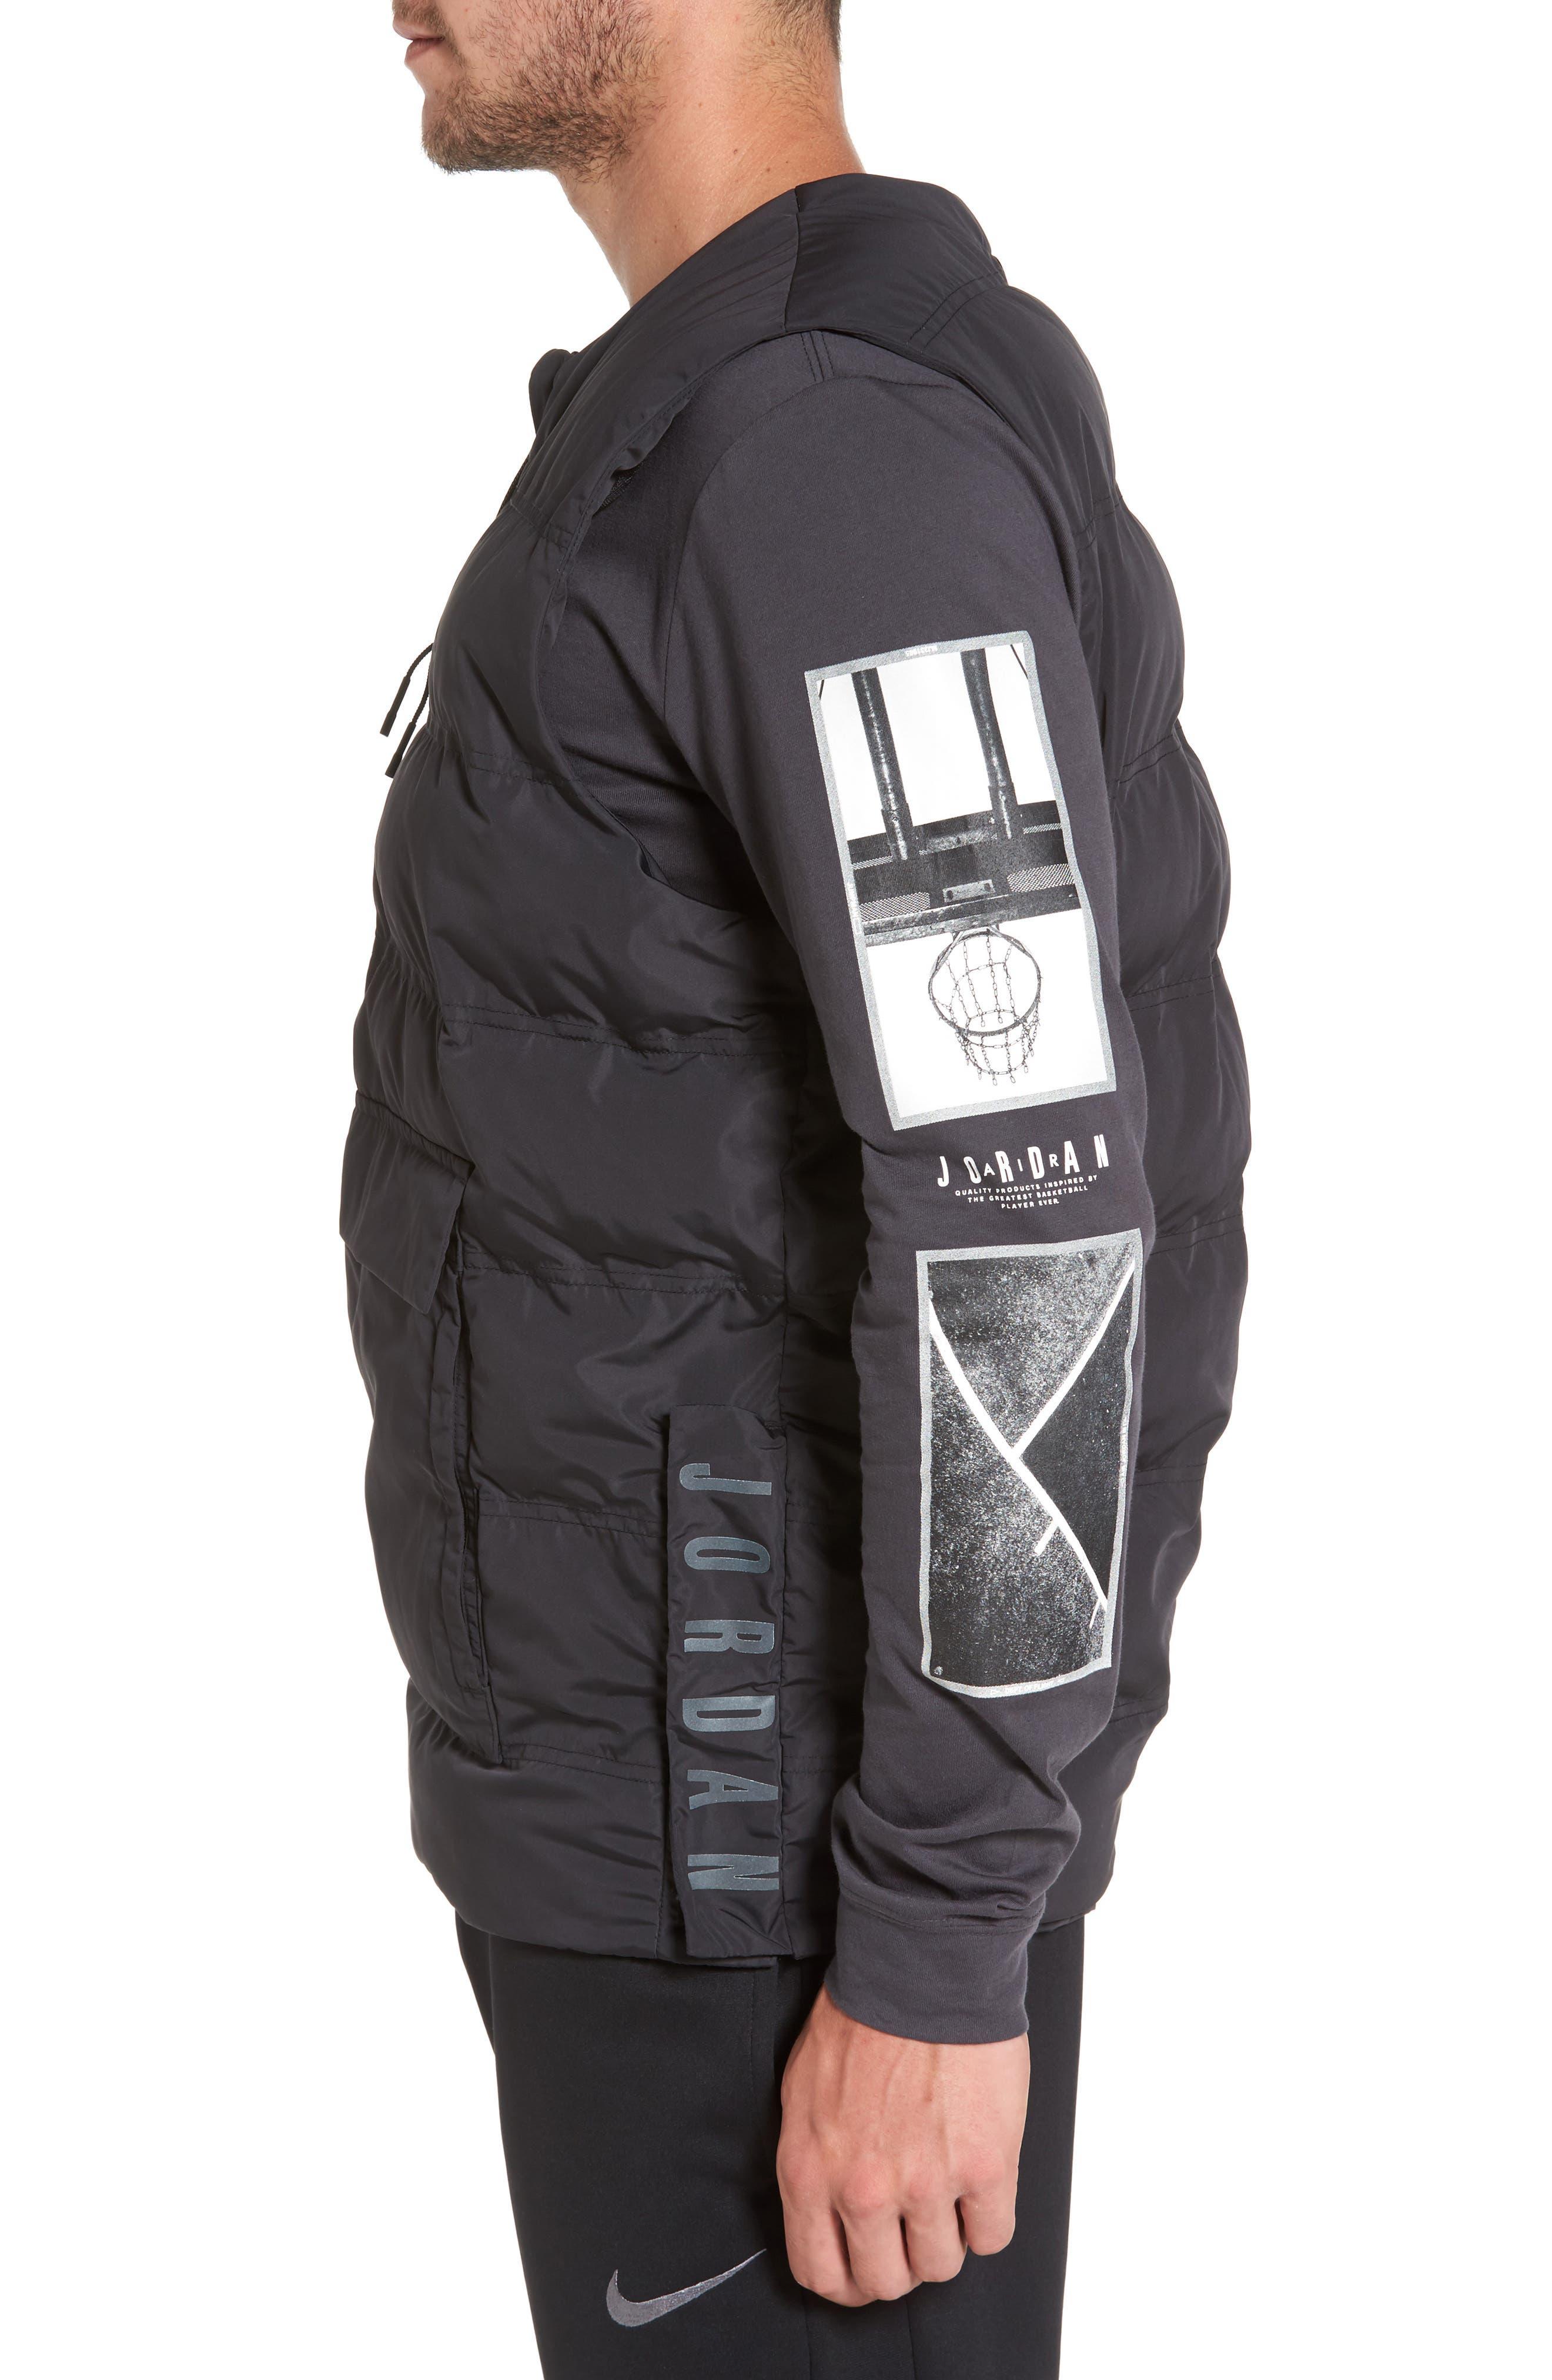 23 Tech Vest,                             Alternate thumbnail 4, color,                             Black